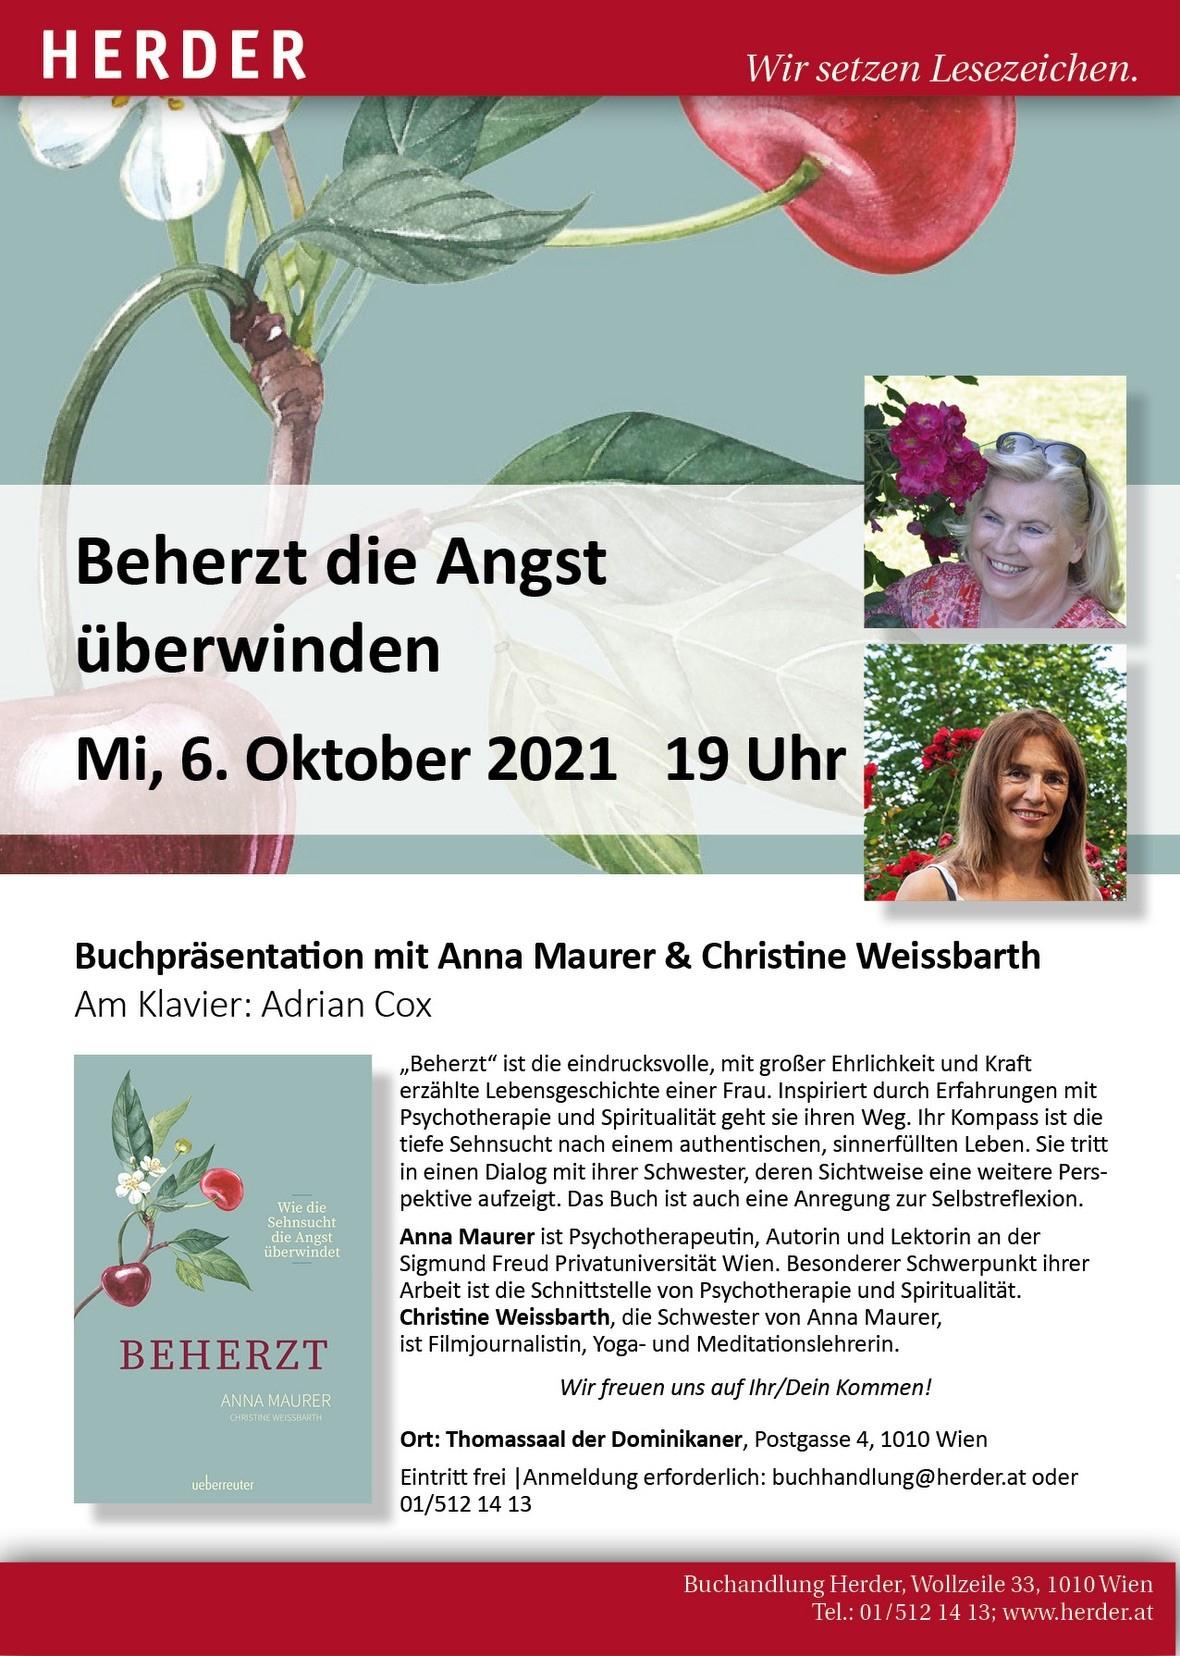 Beherzt die Angst überwinden, Mi. 6. Oktober 2021 19h, Buchpräsentation von Anna Maurer & Christine Weissbarth